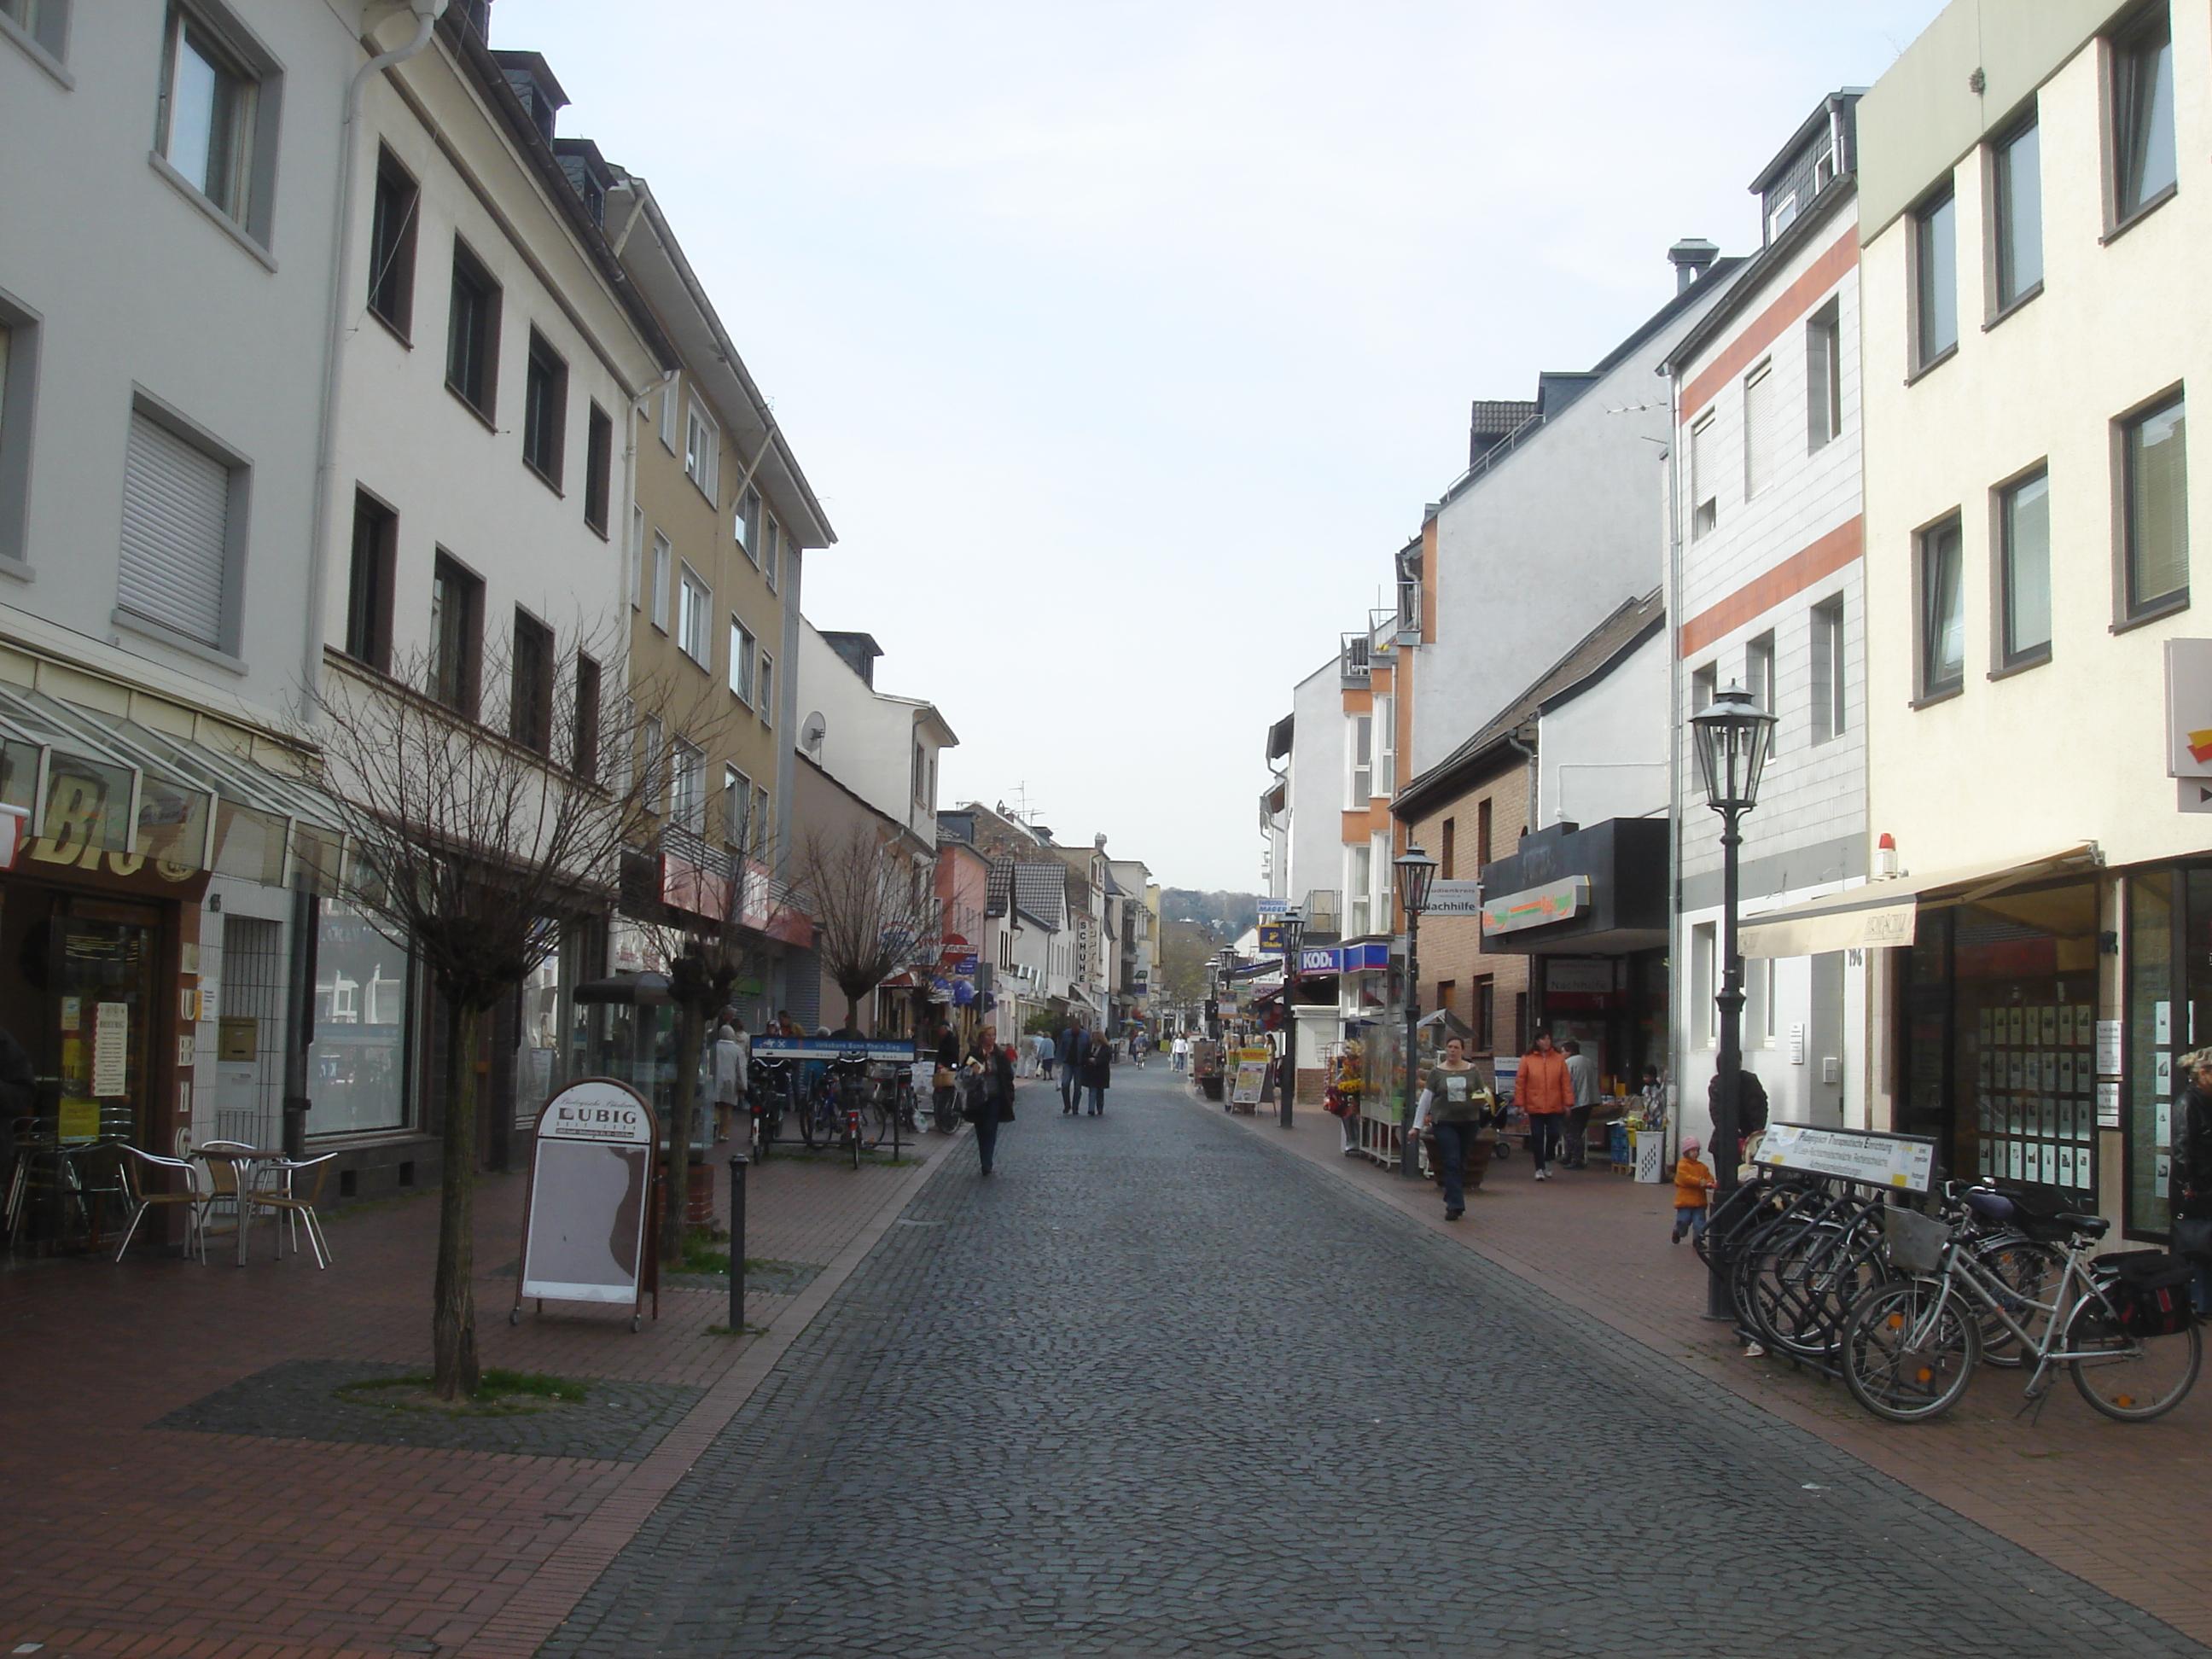 Bildergebnis für duisdorf